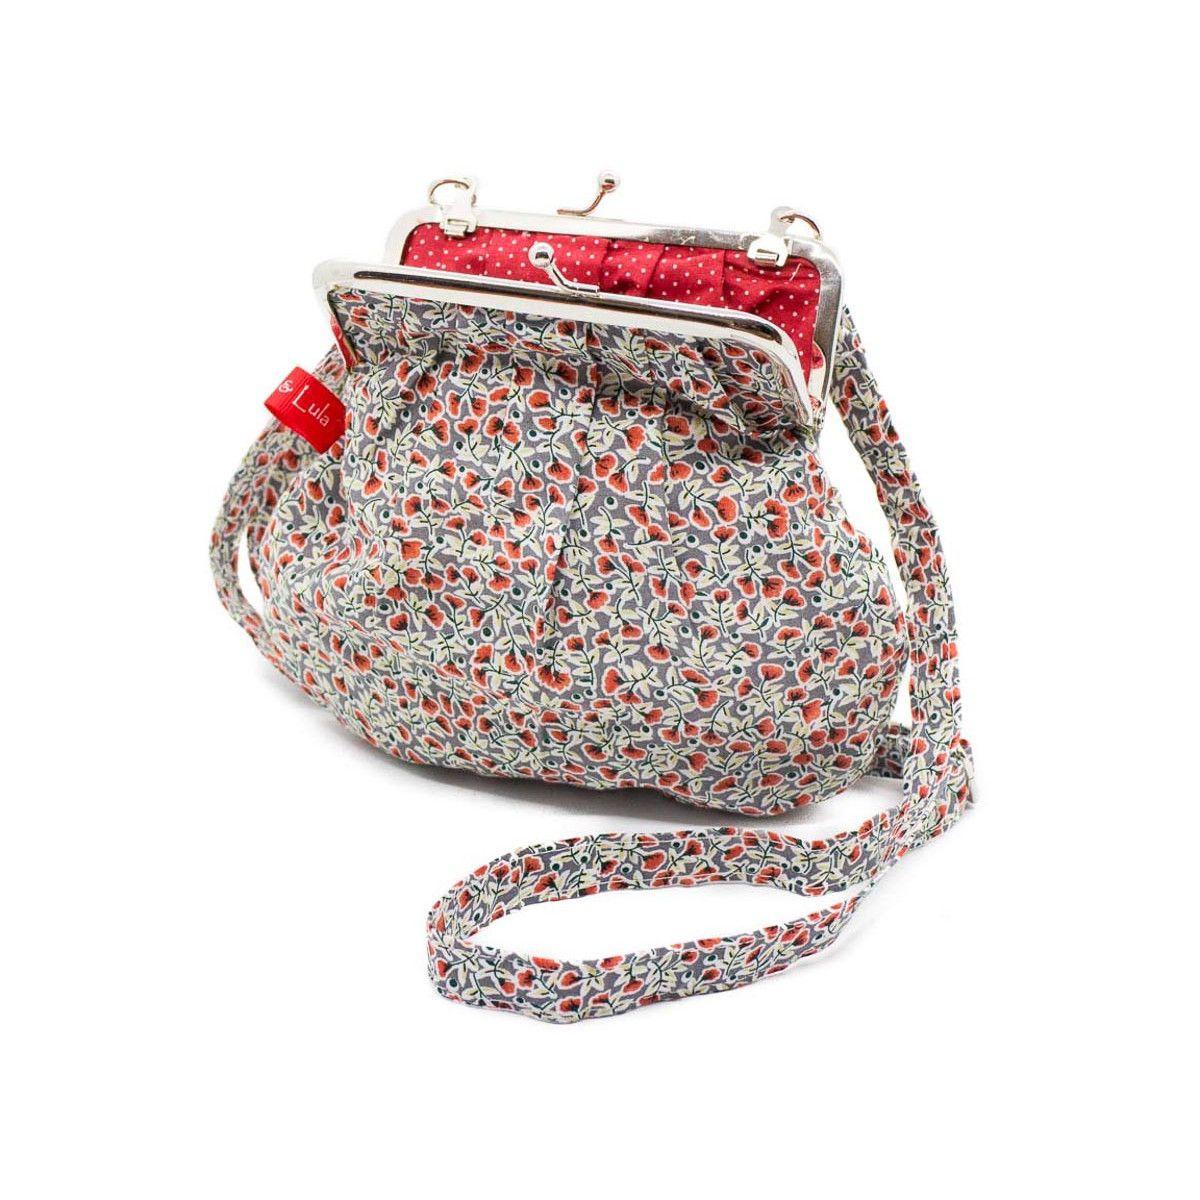 Petit sac rétro à clip coton gris et fleurs rouge